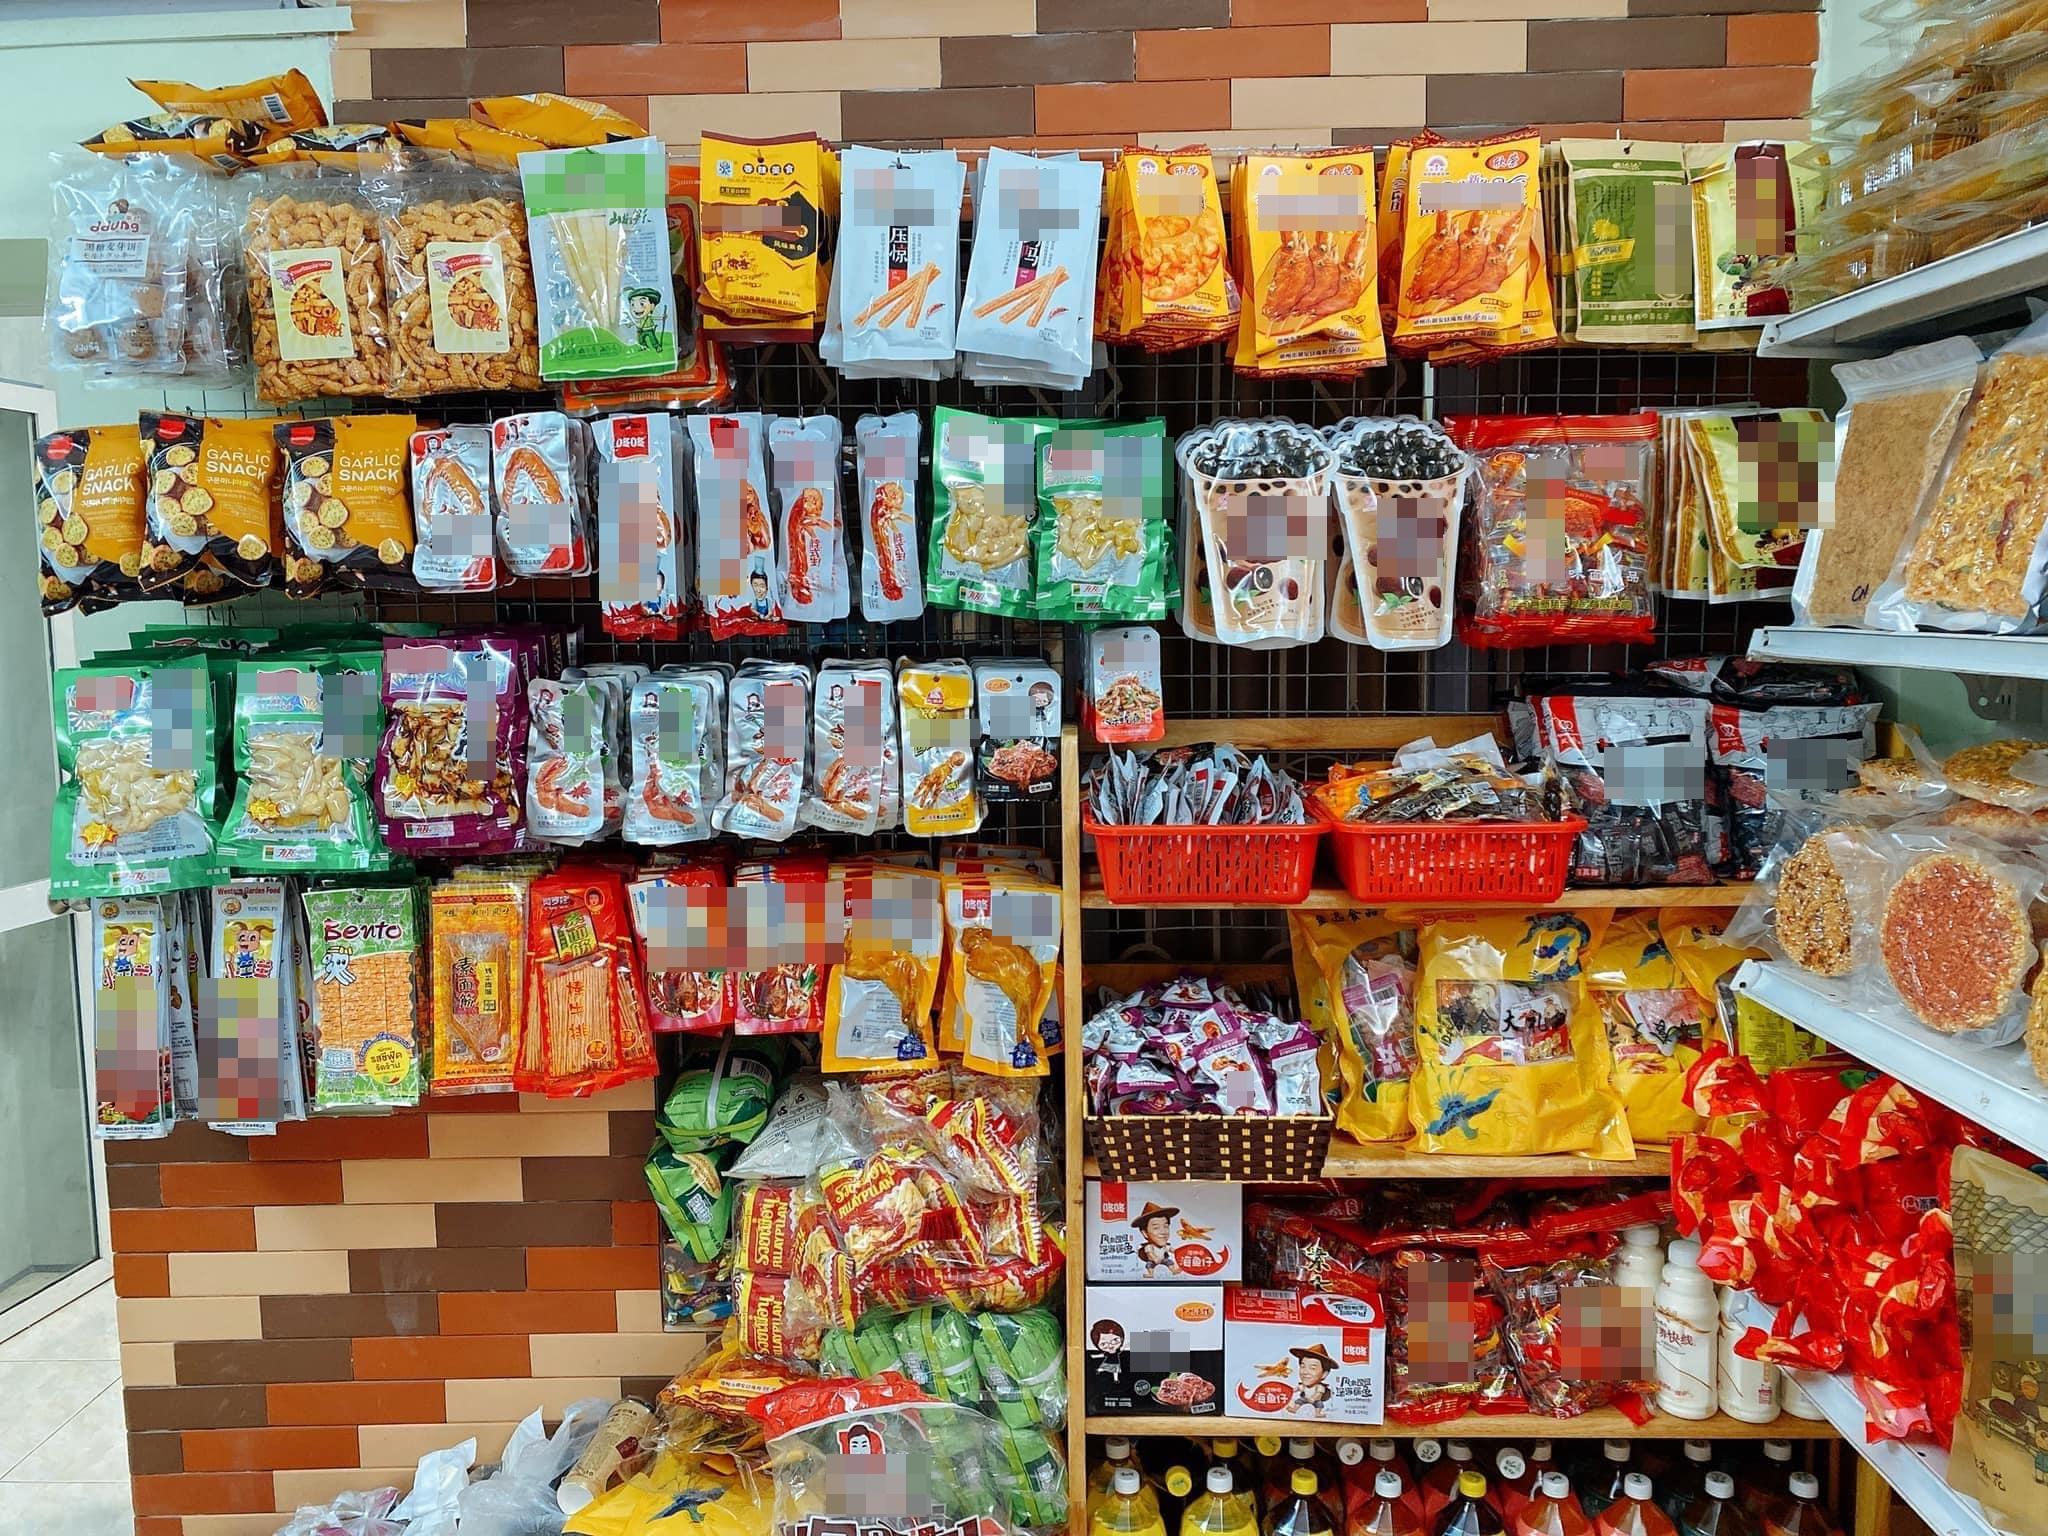 """Điểm danh 5 món đồ ăn """"siêu rẻ"""" bán trên chợ mạng, nguồn gốc chưa rõ vẫn được chị em mua """"tới tấp"""" - Ảnh 5."""